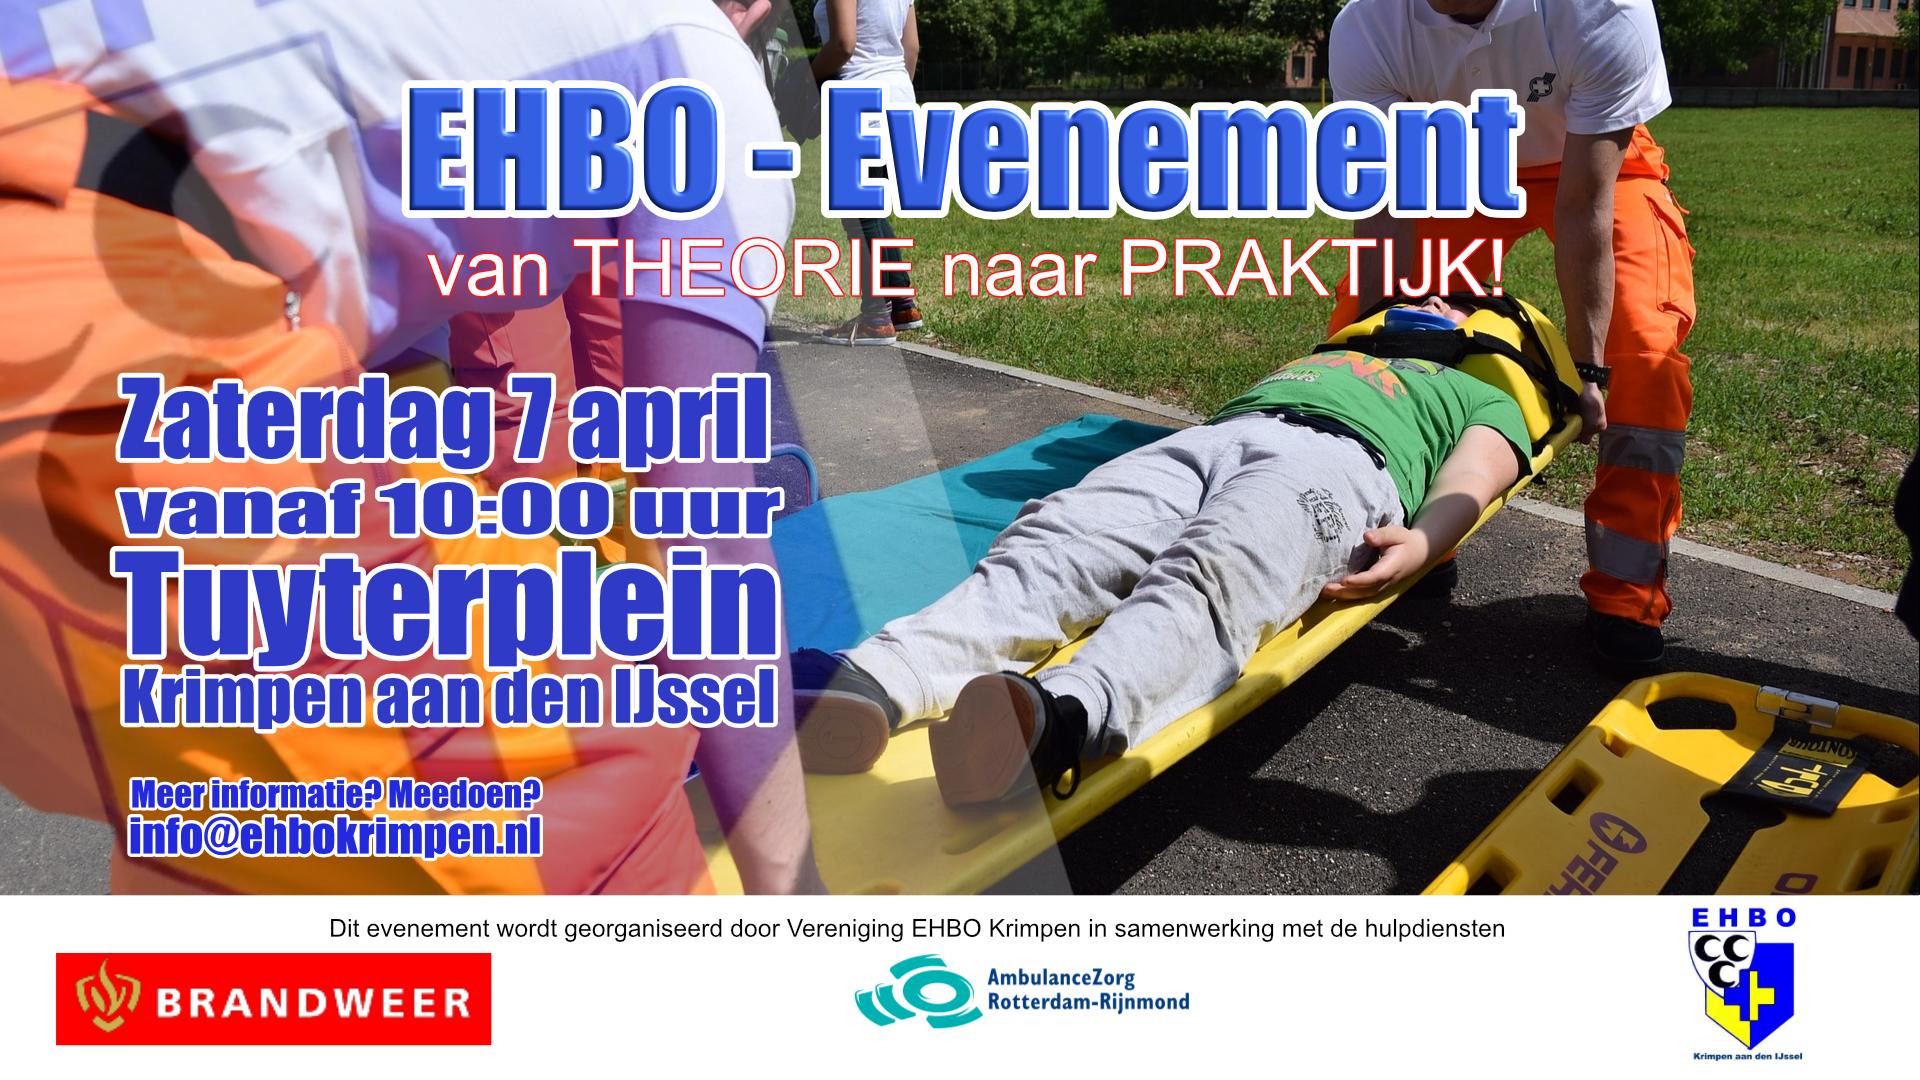 EHBO - Evenement